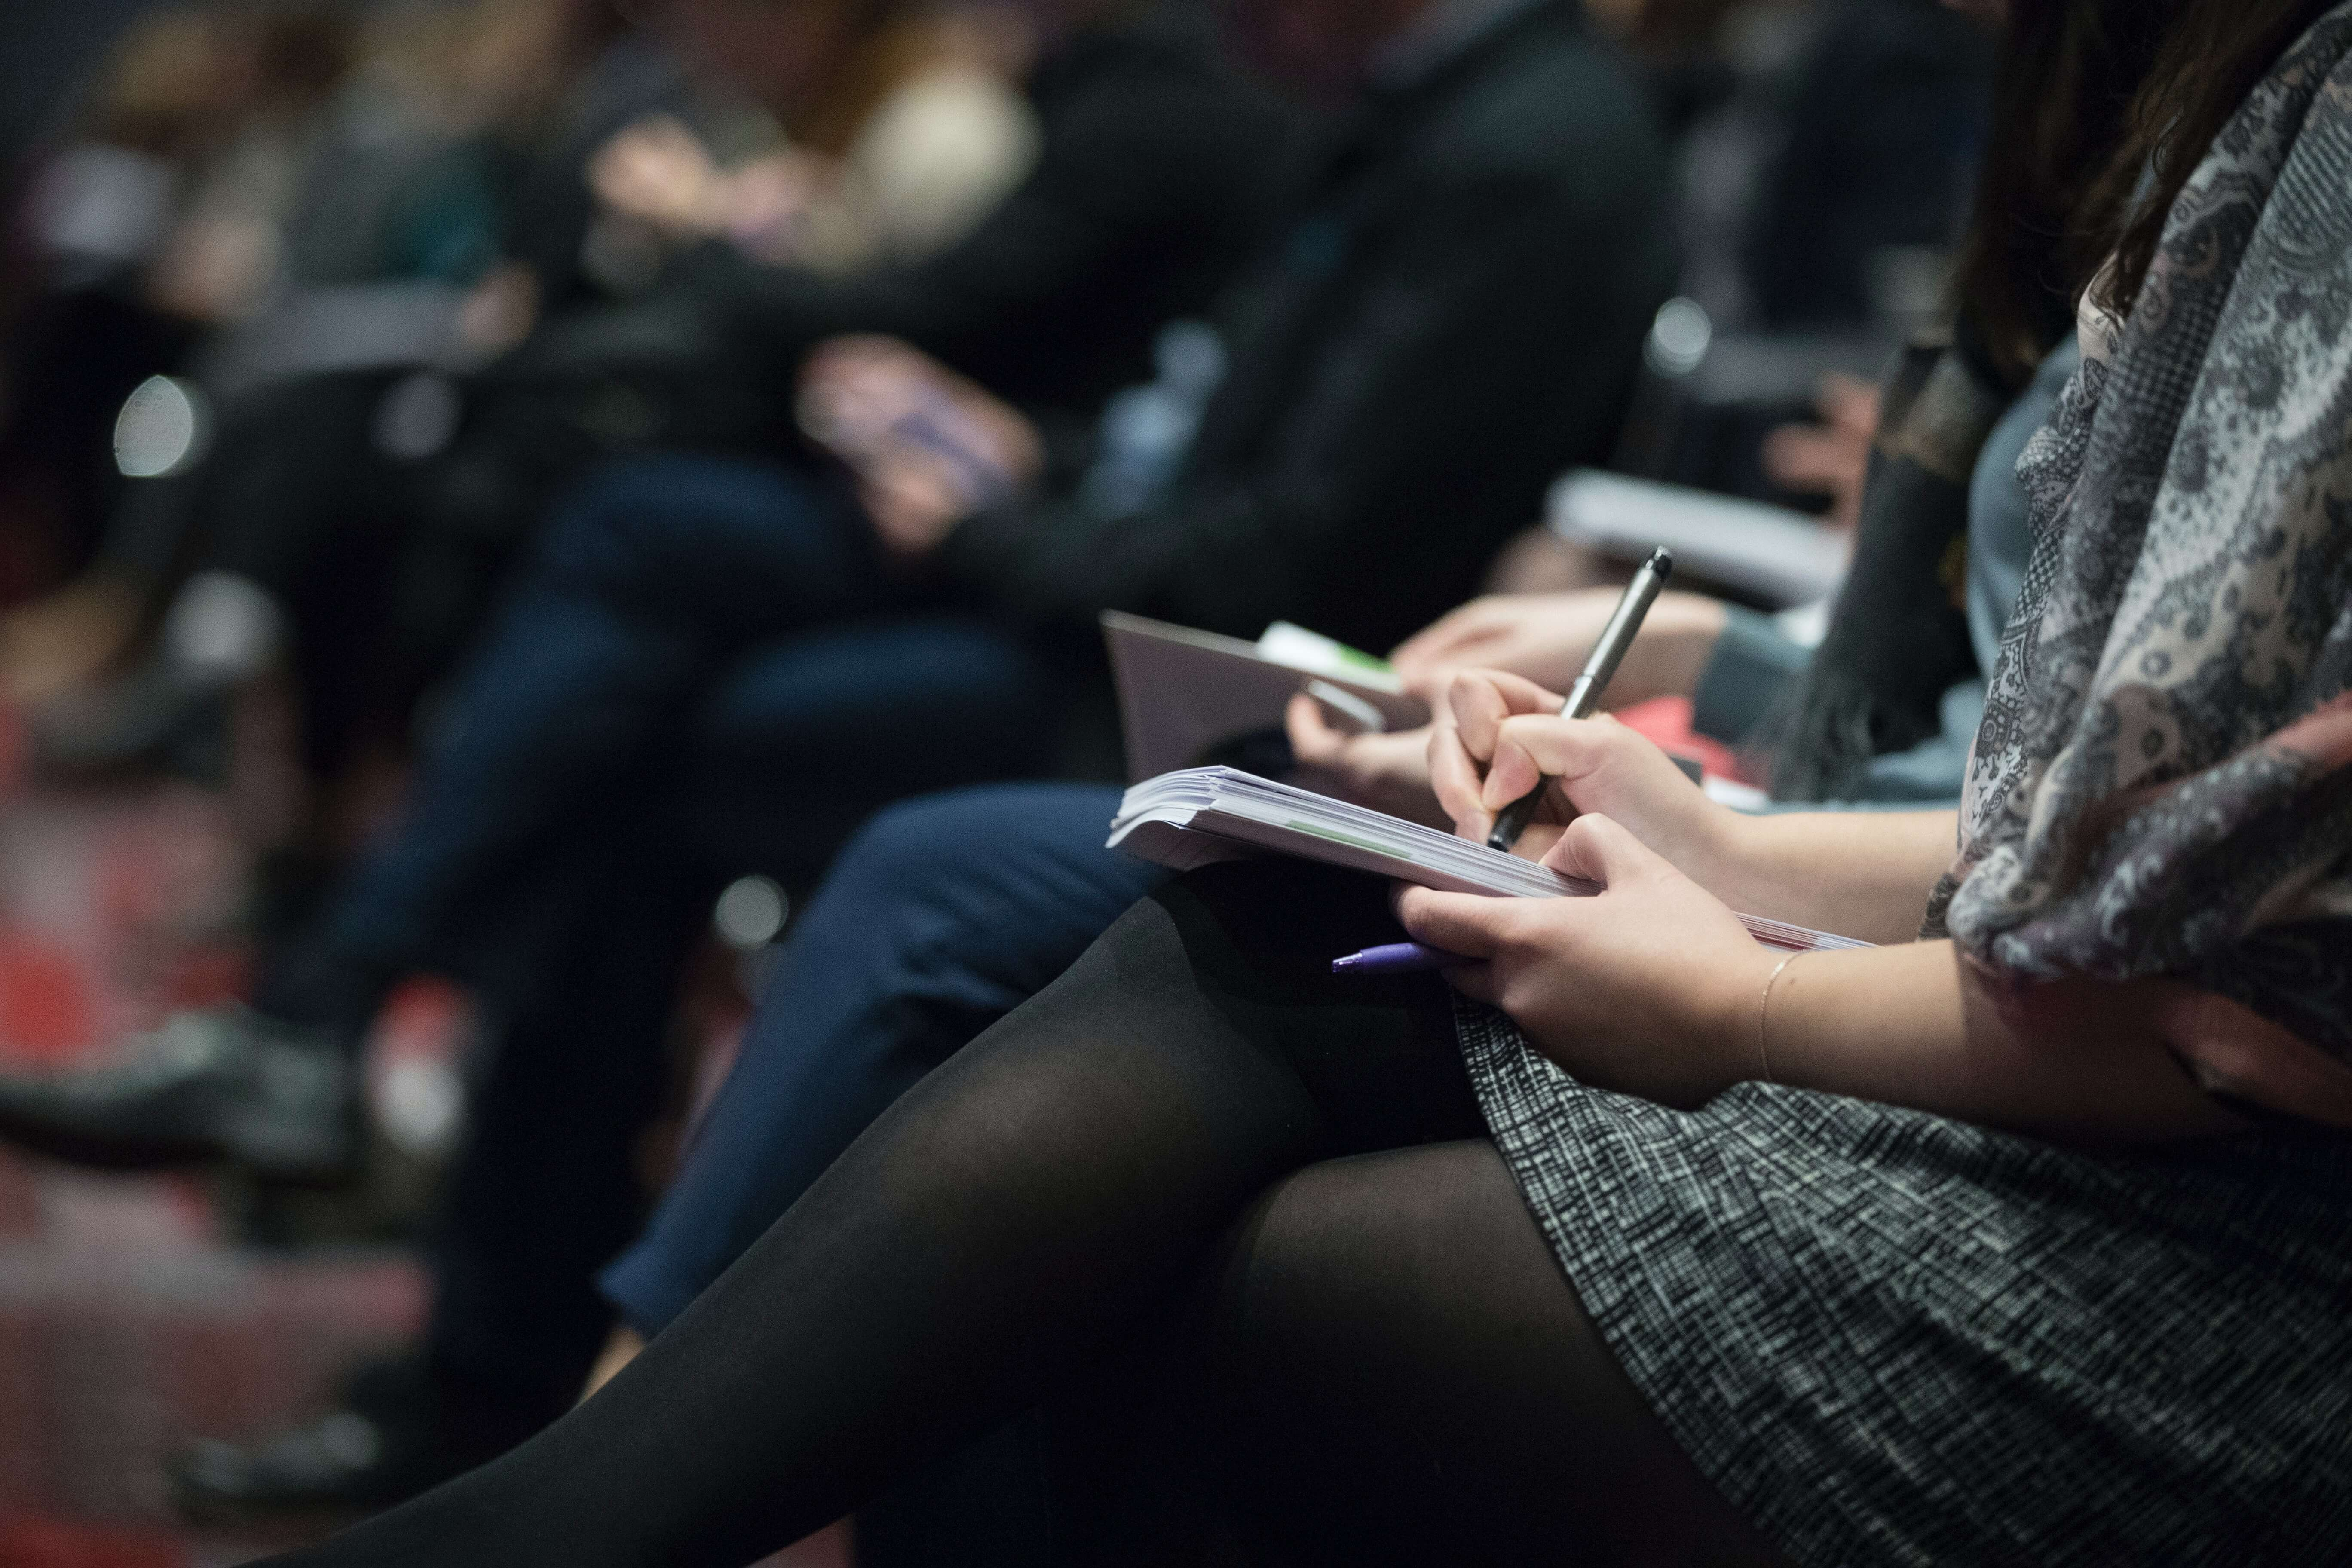 Marketing culturel, environnement, publics, numérique : une sélection d'évènements par Communicant.info